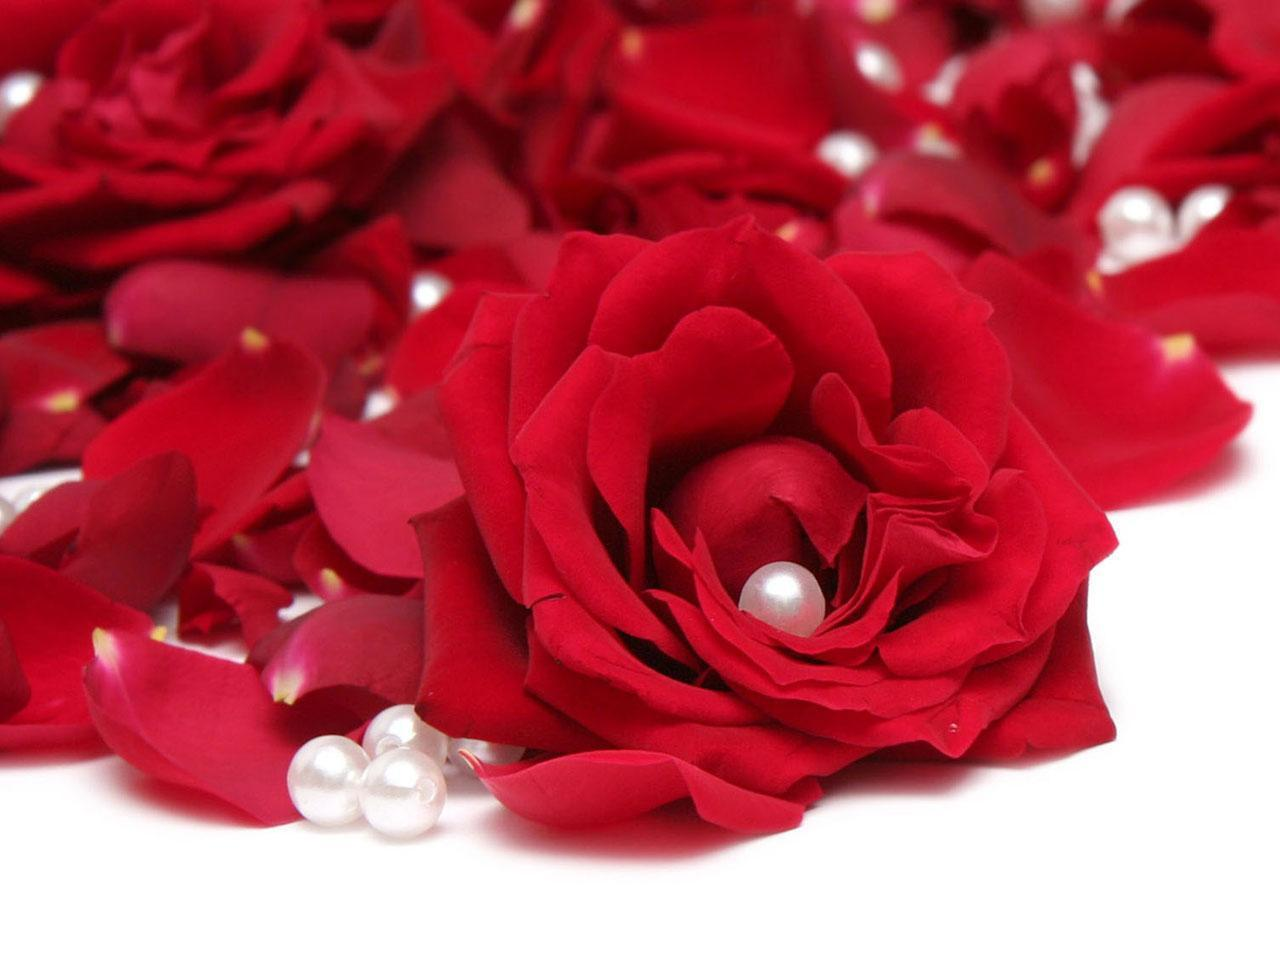 ورود حمراء وحبات لؤلؤ